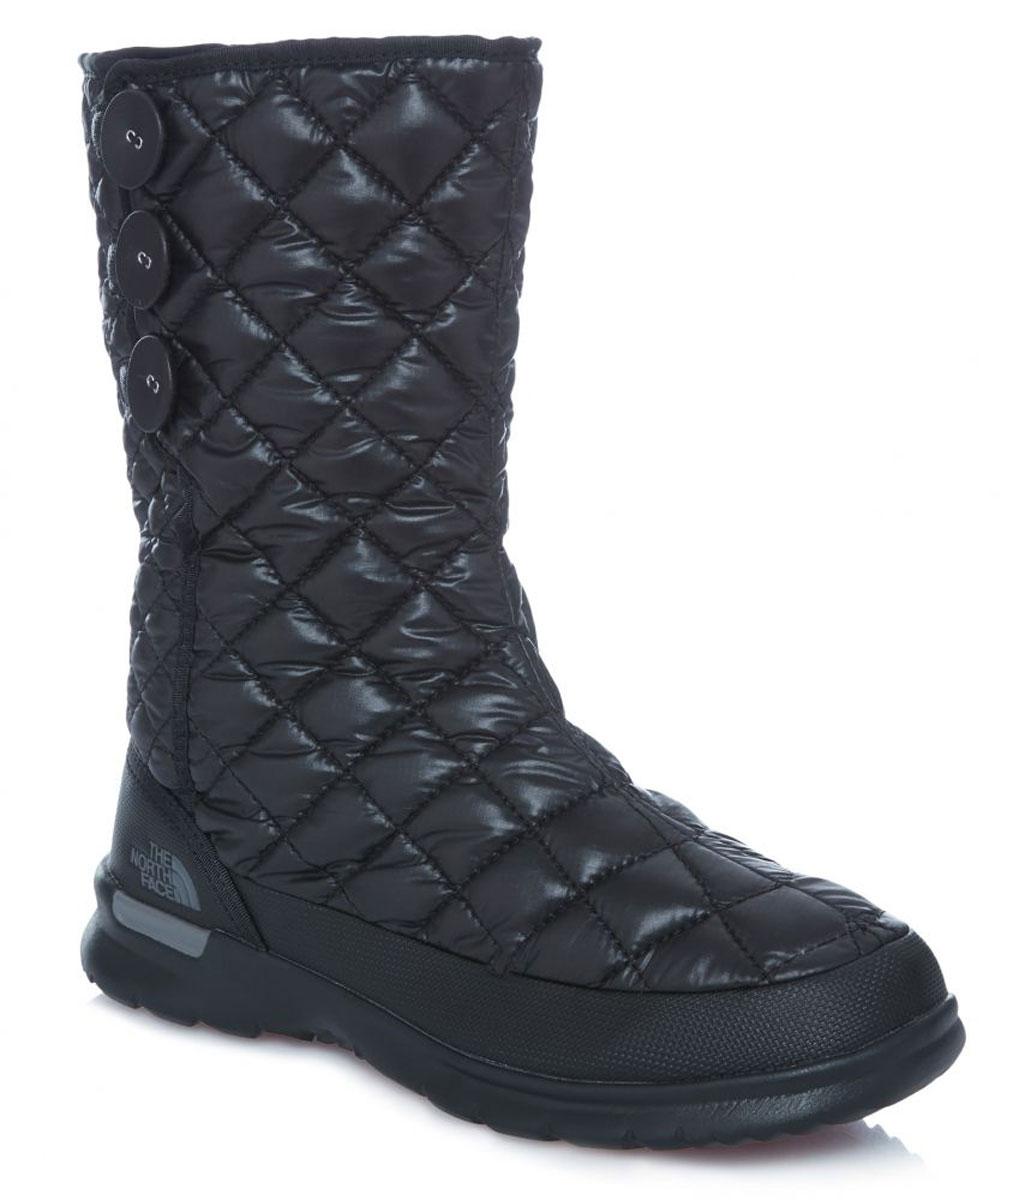 Сапоги женские The North Face W Thrmoball Button Up, цвет: черный. T92T5KNSX. Размер 7 (37)T92T5KNSXЛегкие и удобные стильные сапоги на пуговицах с регулируемым подгибом обеспечивают комфорт и великолепный внешний вид. Утеплитель Thermoball™ сохраняет тепло ног на снежной тропе, а благодаря протекторам IcePick®, вы никогда не поскользнетесь на обратном пути к лагерю. Стелька OrthoLite® ReBound и регулируемая посадка с флисовой подкладкой обеспечивают максимальный комфорт.